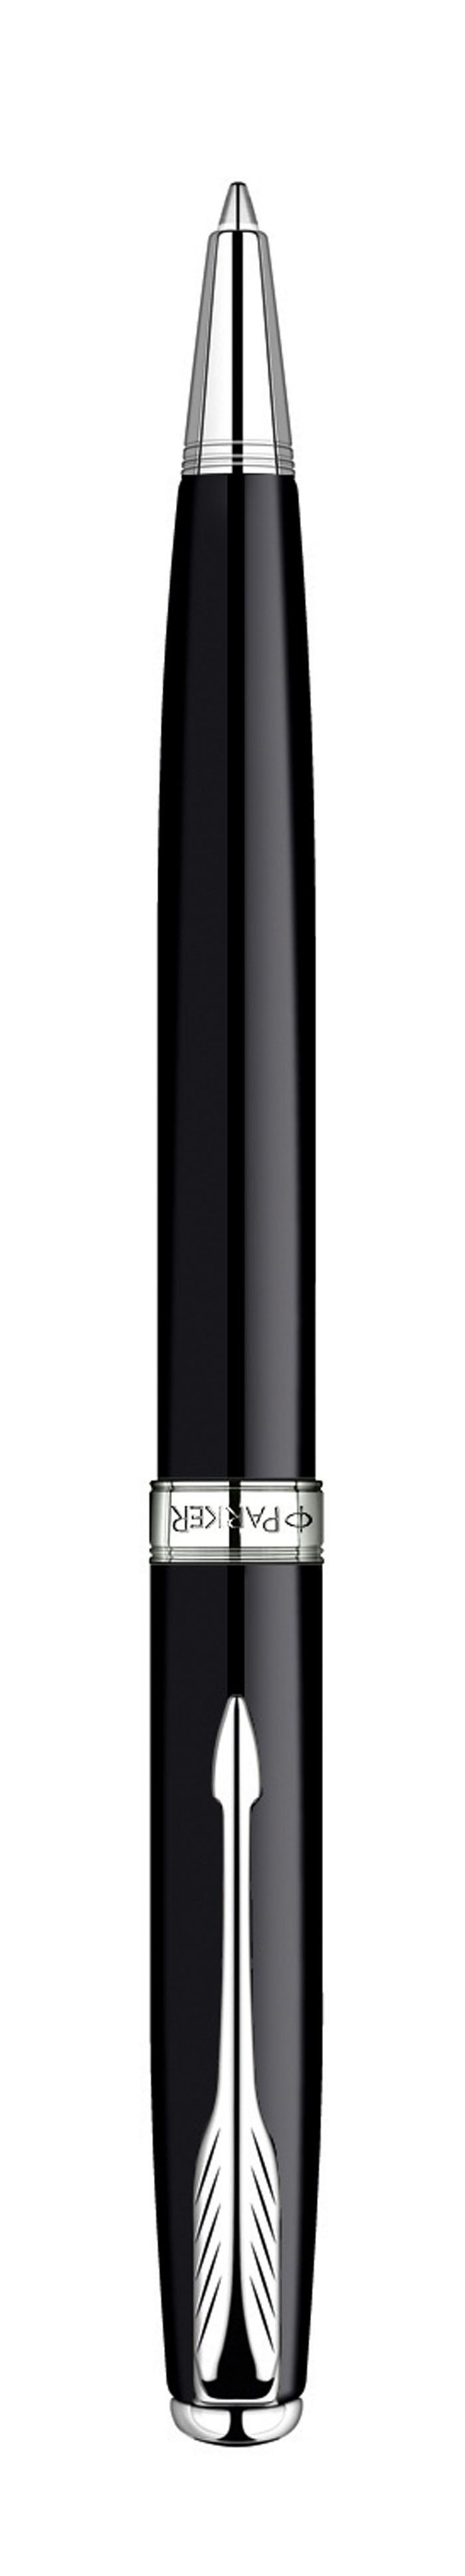 Parker Ручка шариковая Sonnet Black Laque CTPARKER-S0808830Вид нанесения: гравировка с заливкой цветом, гравировка с металлизацией, тампопечать, шильд, эмблема на торце ручкиГарантия 2 годаМеханизм ручек шариковая, поворотный механизмРазмер пишущего узла М (medium) - Средний 1 ммШариковая ручка, поворотный механизм Материал корпуса: Латунь Покрытие корпуса: Лак Материал отделки деталей корпуса: Посеребрение Цвет стержня: черный Выгравированный логотип PARKER на декоративном кольце Комплектация: Фирменная упаковка, руководство по эксплуатации с гарантийным талоном. Гарантия производителя: Два (2) года со дня покупки.